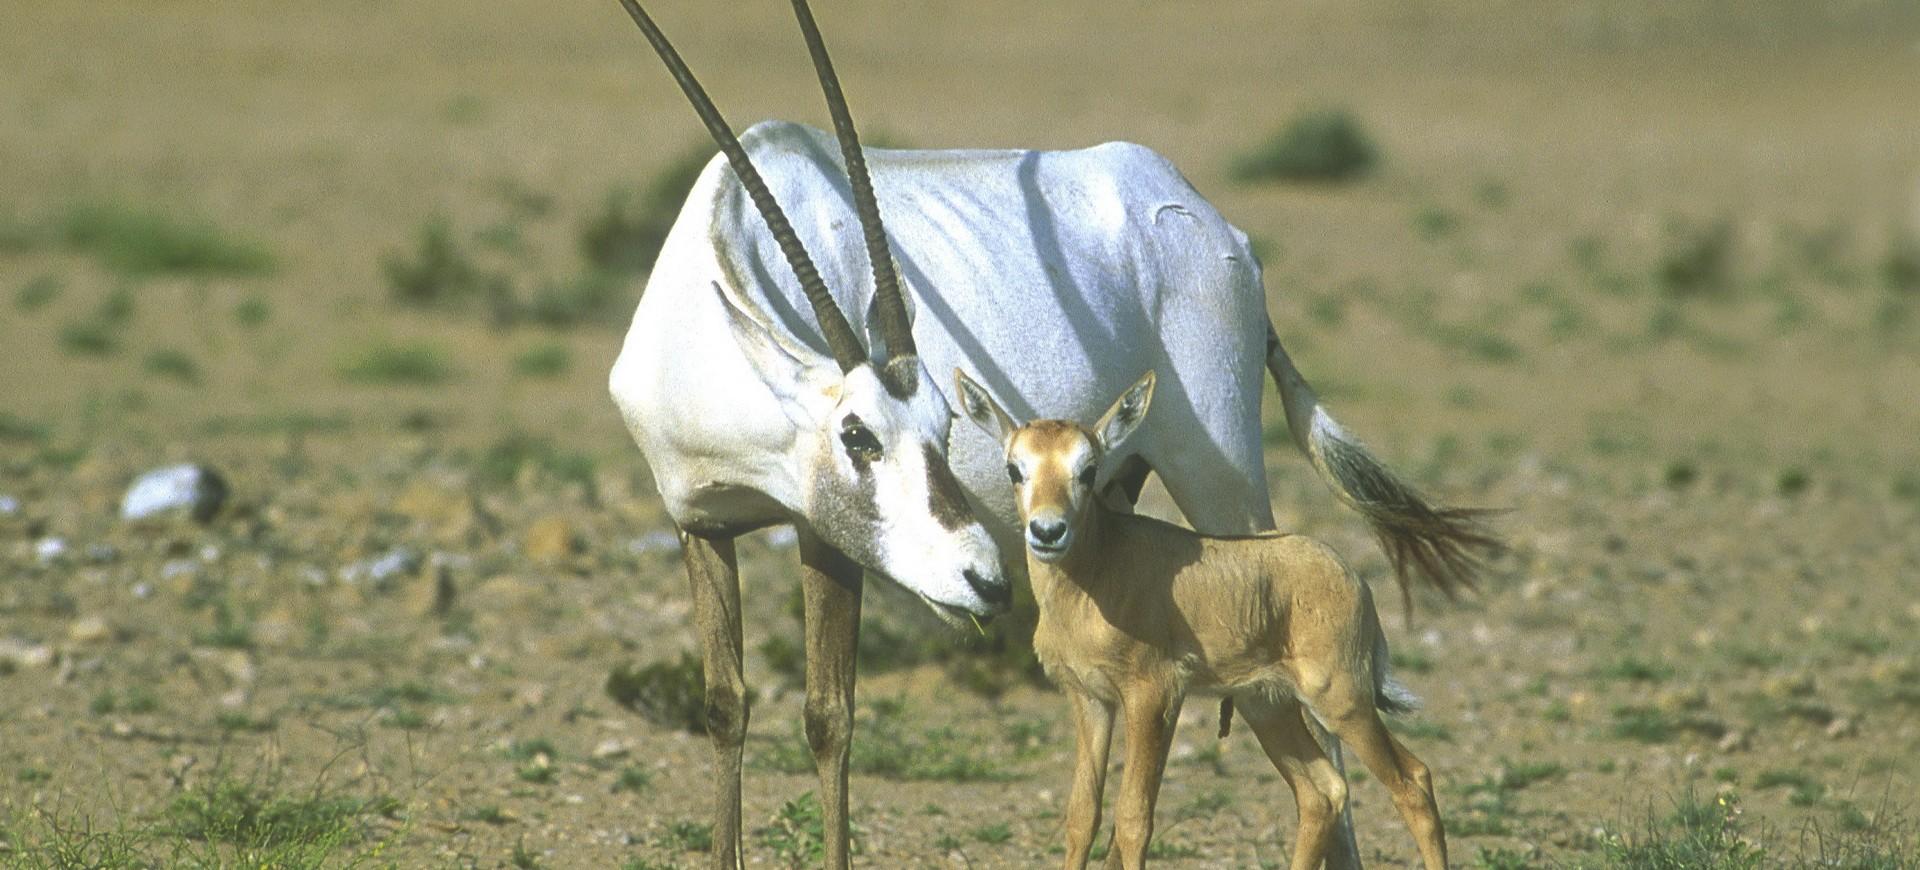 Oman Désert Réserve d'Oryx